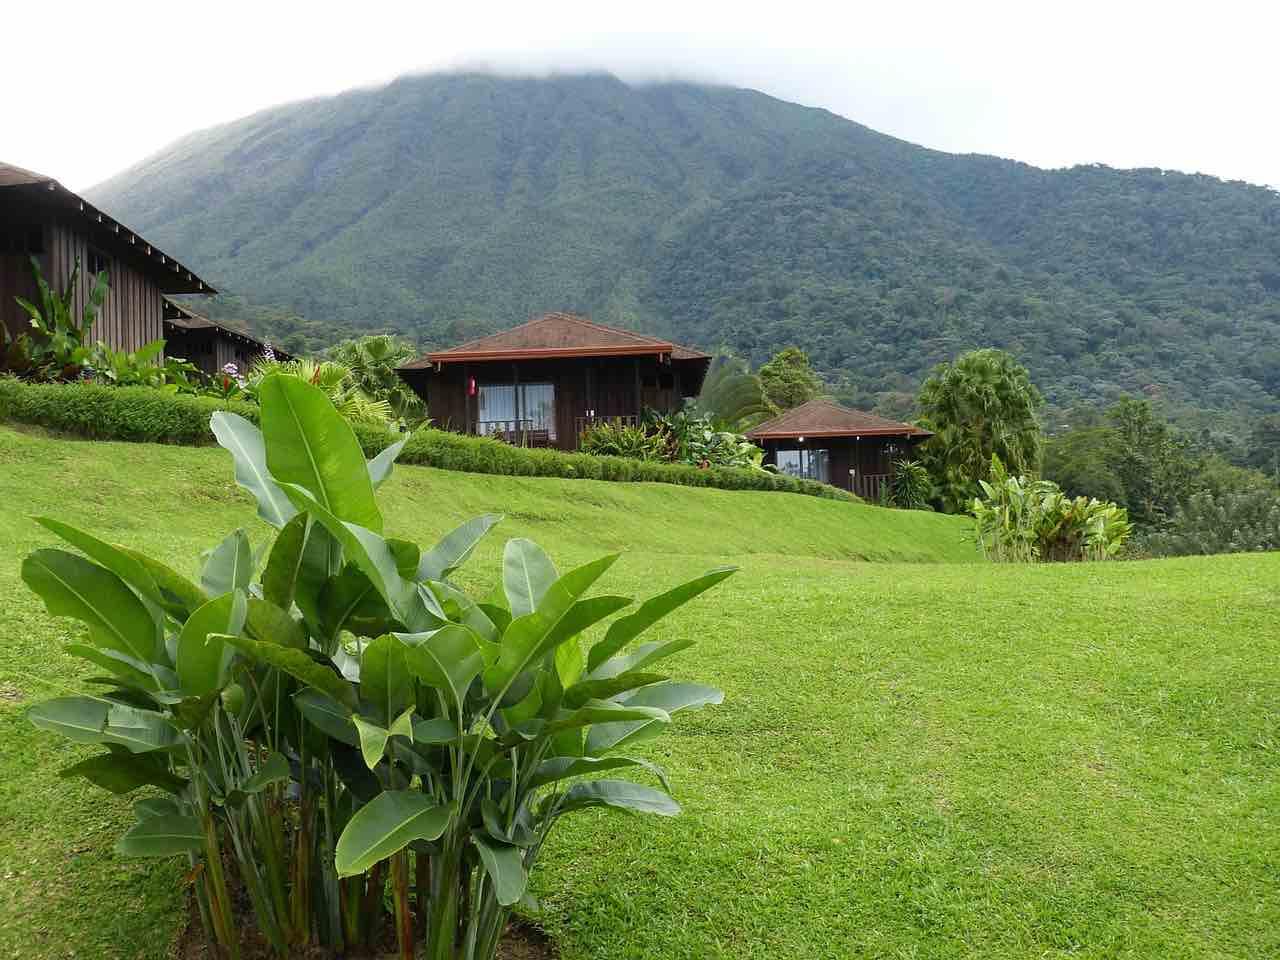 Arenal, Costa Rica - Visite el Parque Nacional Volcán Arenal y vea un volcán activo en erupción.